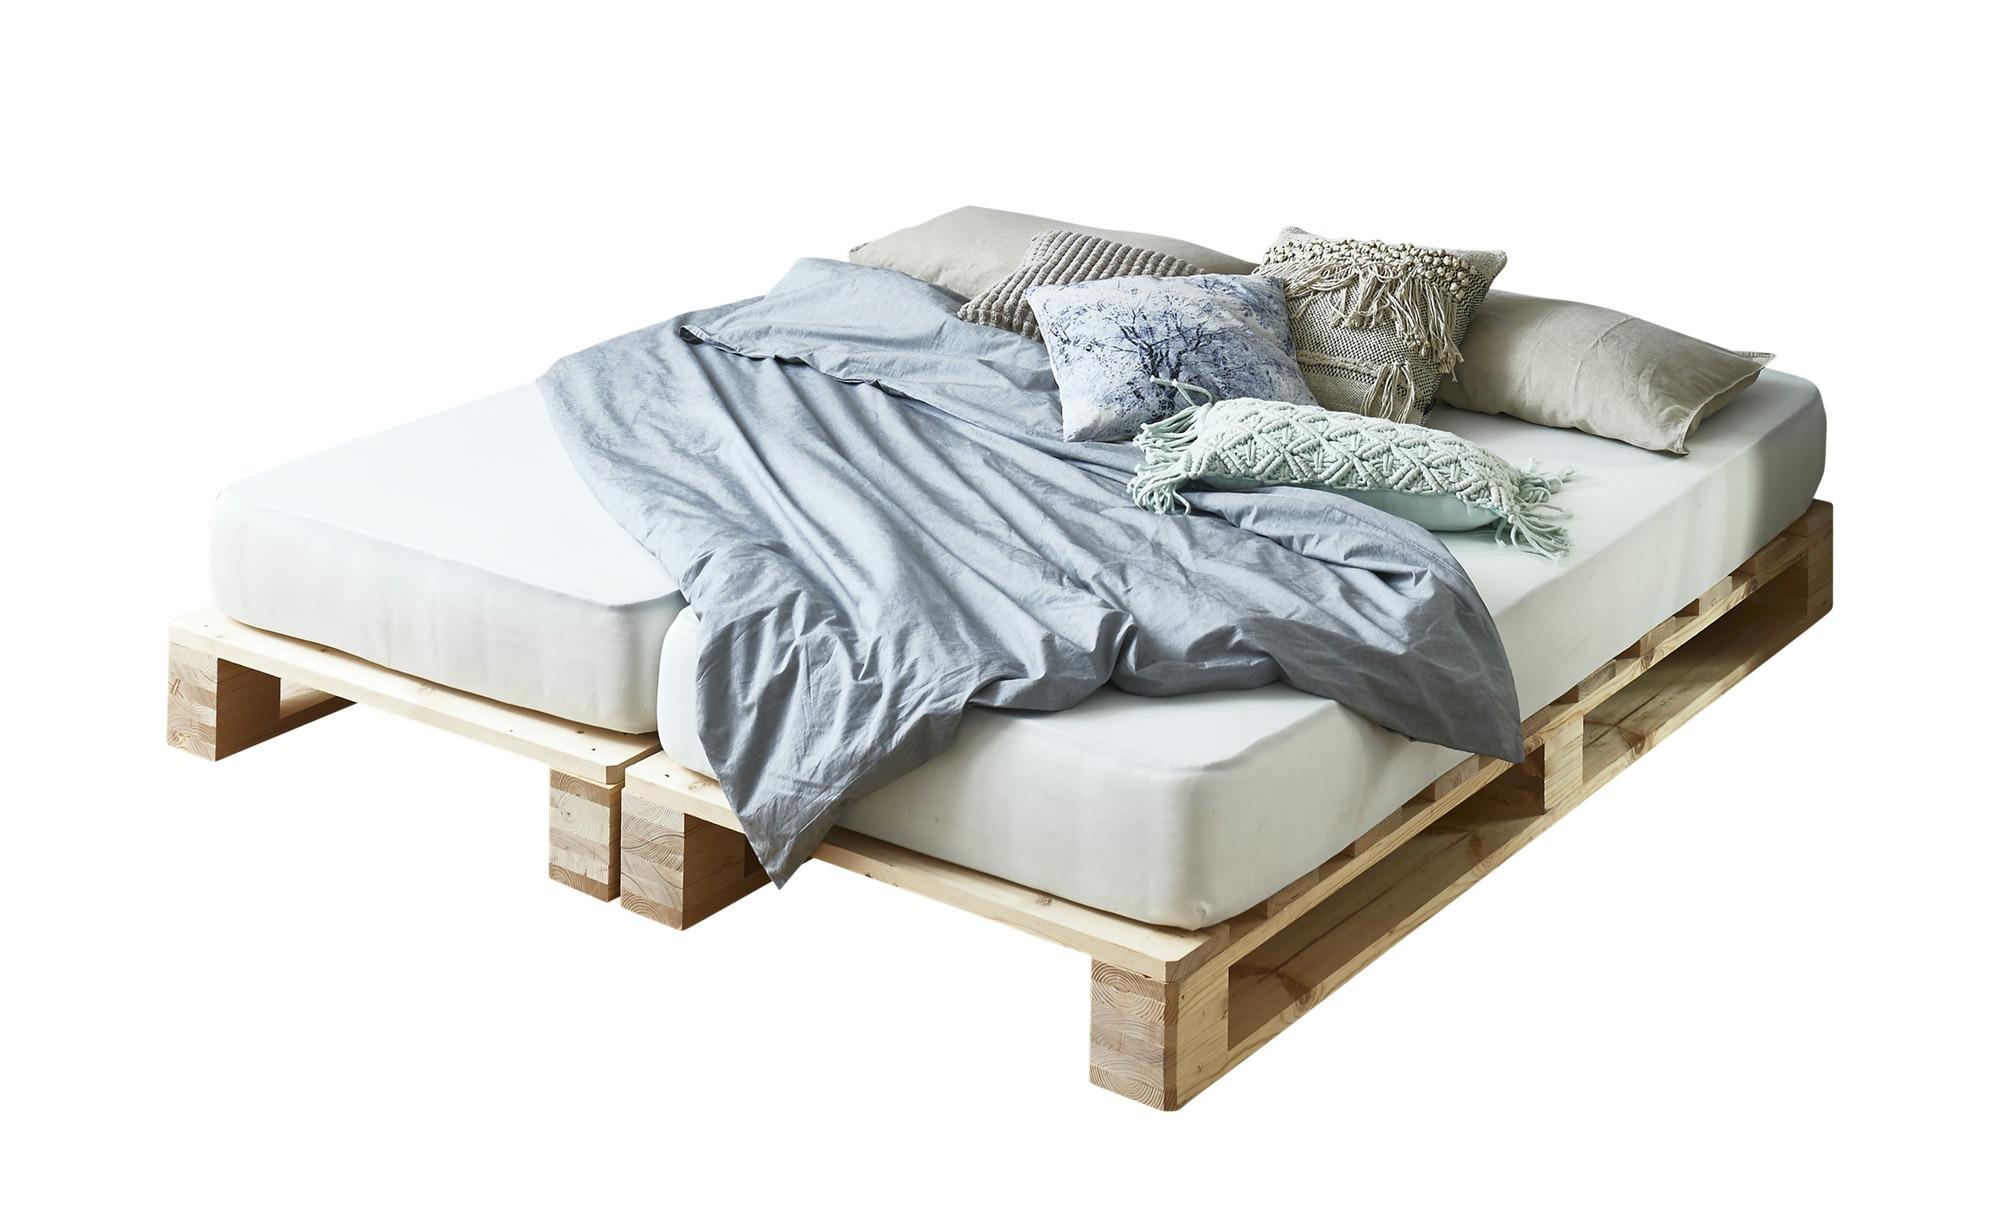 Palettenbett Mit Matratze Havering Holzfarben Maße Cm B 90 H 39 T 200 Betten Futonbetten Höffner